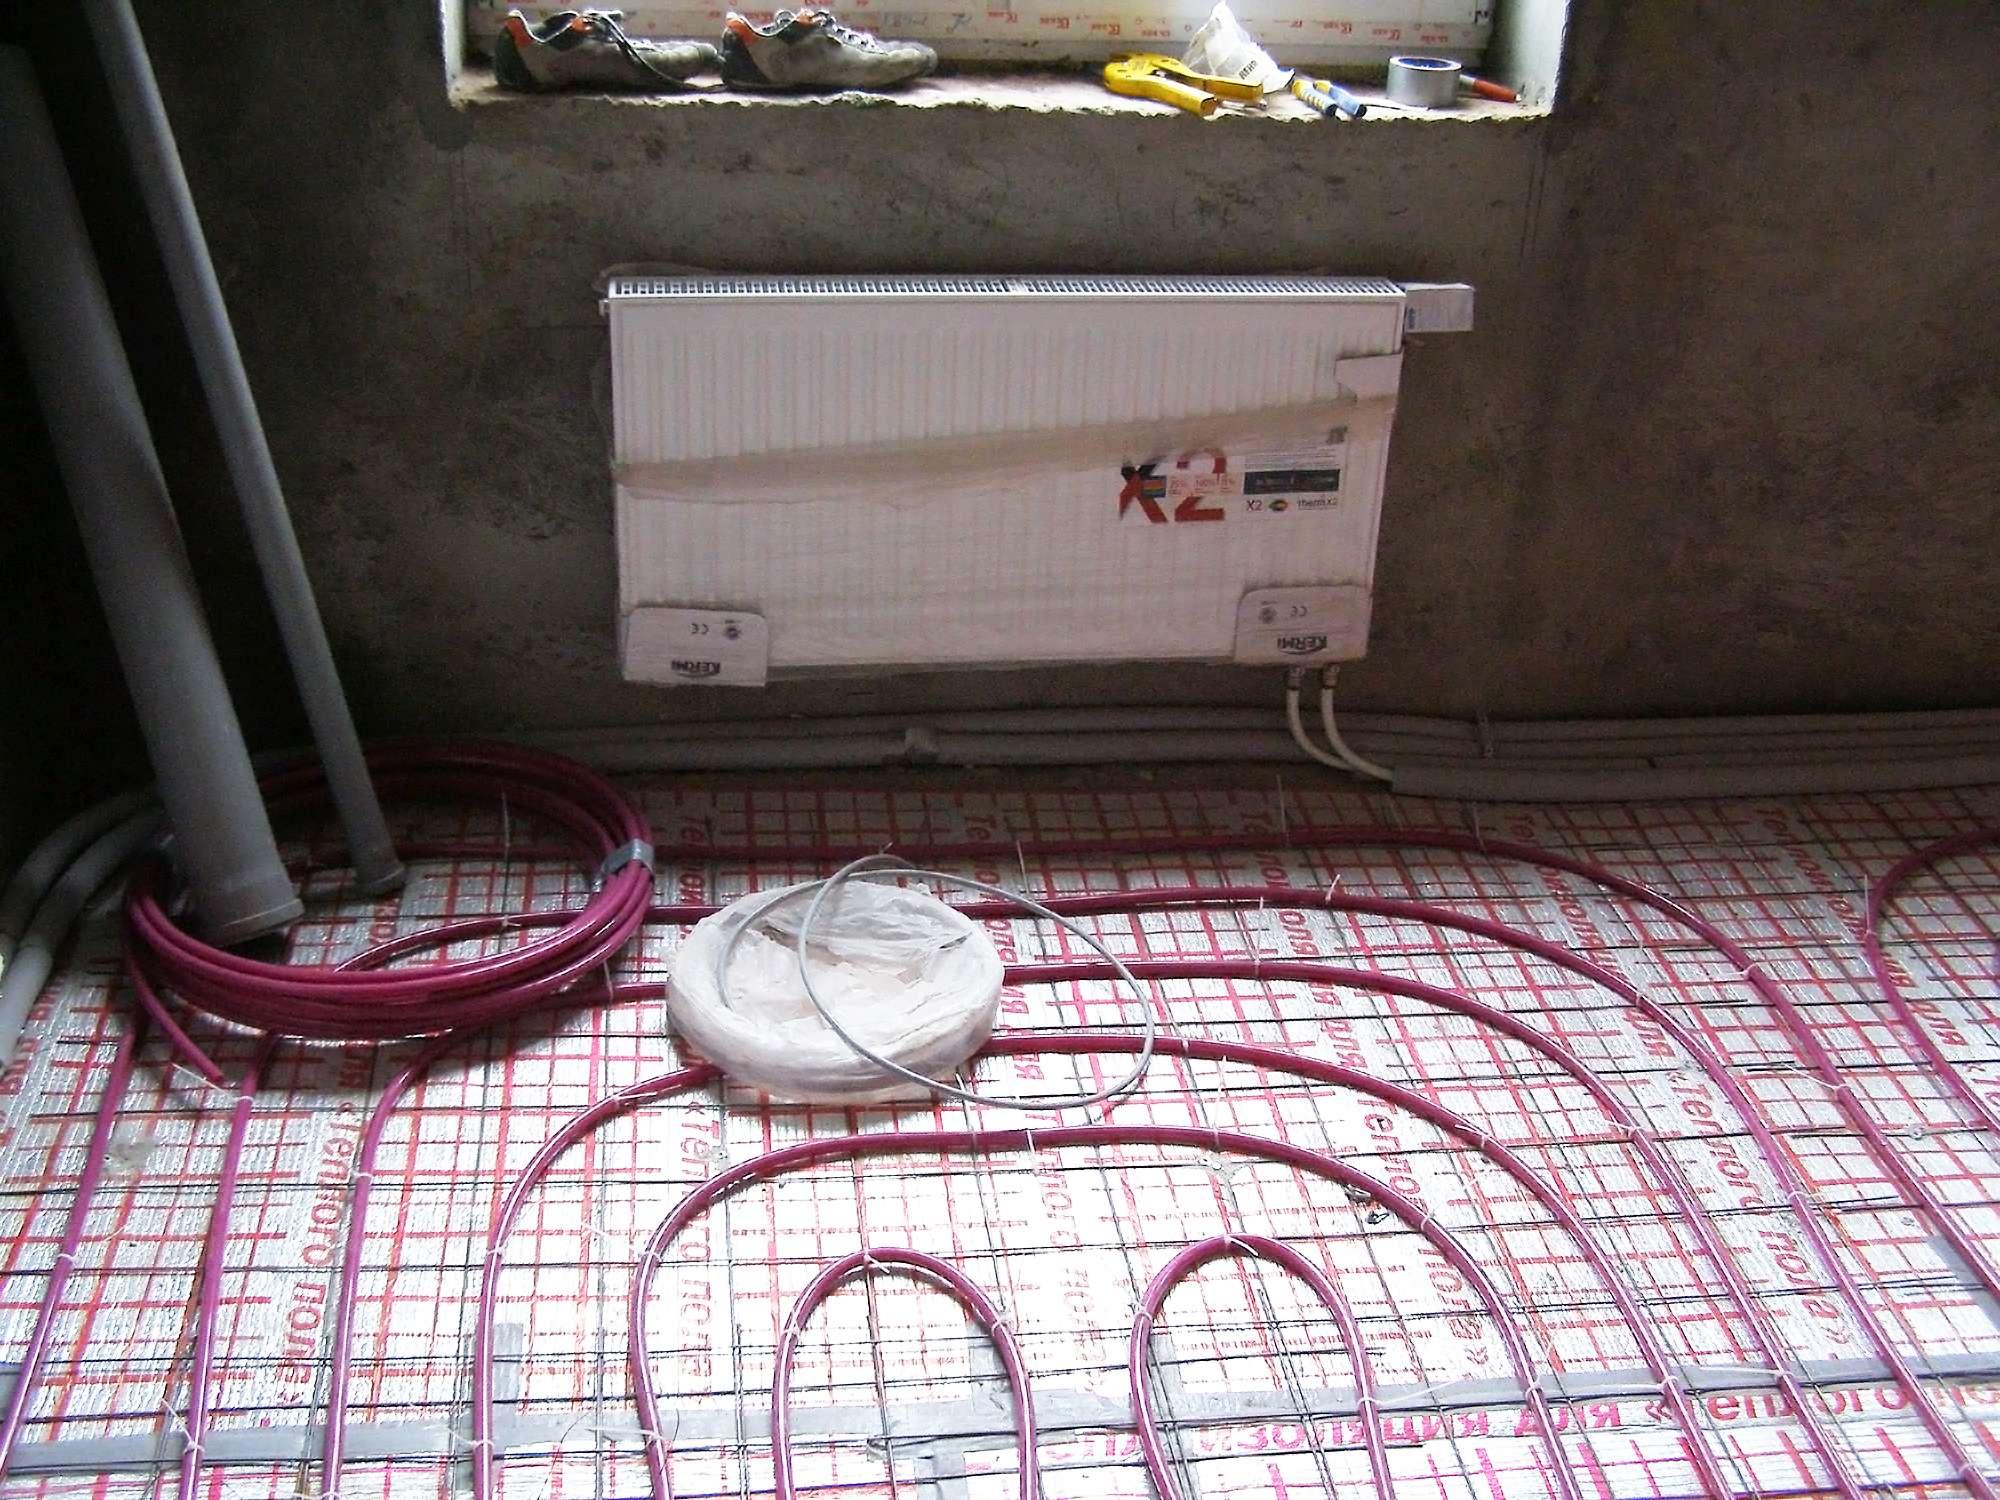 Сшитый полиэтилен для теплого пола обзор лучшего материала для тепло-поло-строения